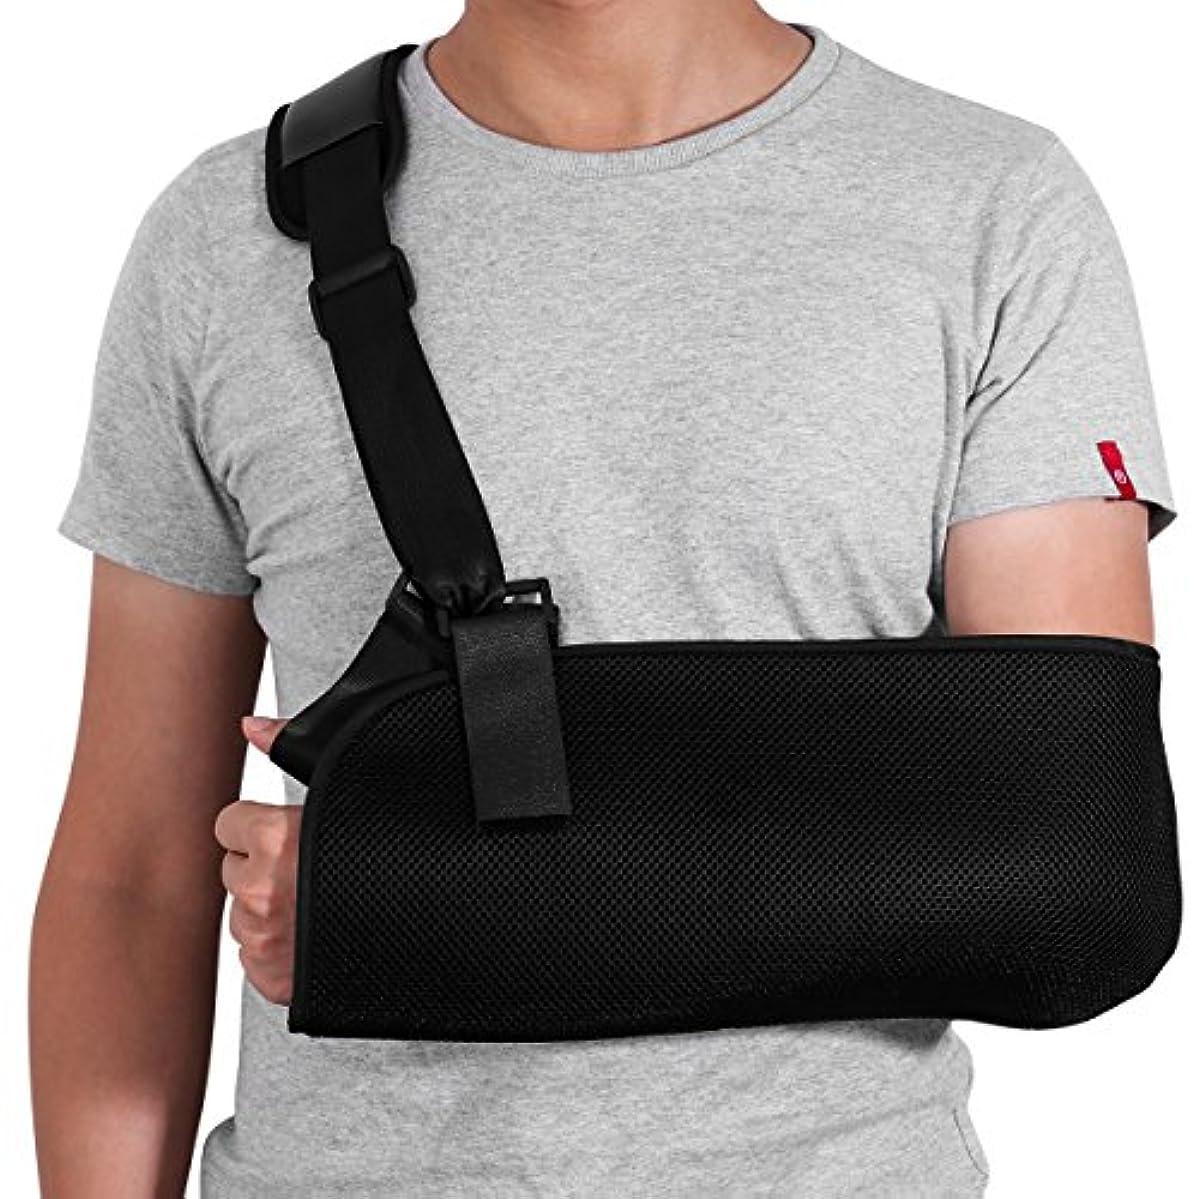 証明送金ポータルROSENICE アームスリング - 壊れた骨折したアームのためのショルダーイモビライザー - 調節可能なアーム、ショルダーローテーターカフサポートブレース - 涙、脱臼、捻挫およびひずみ